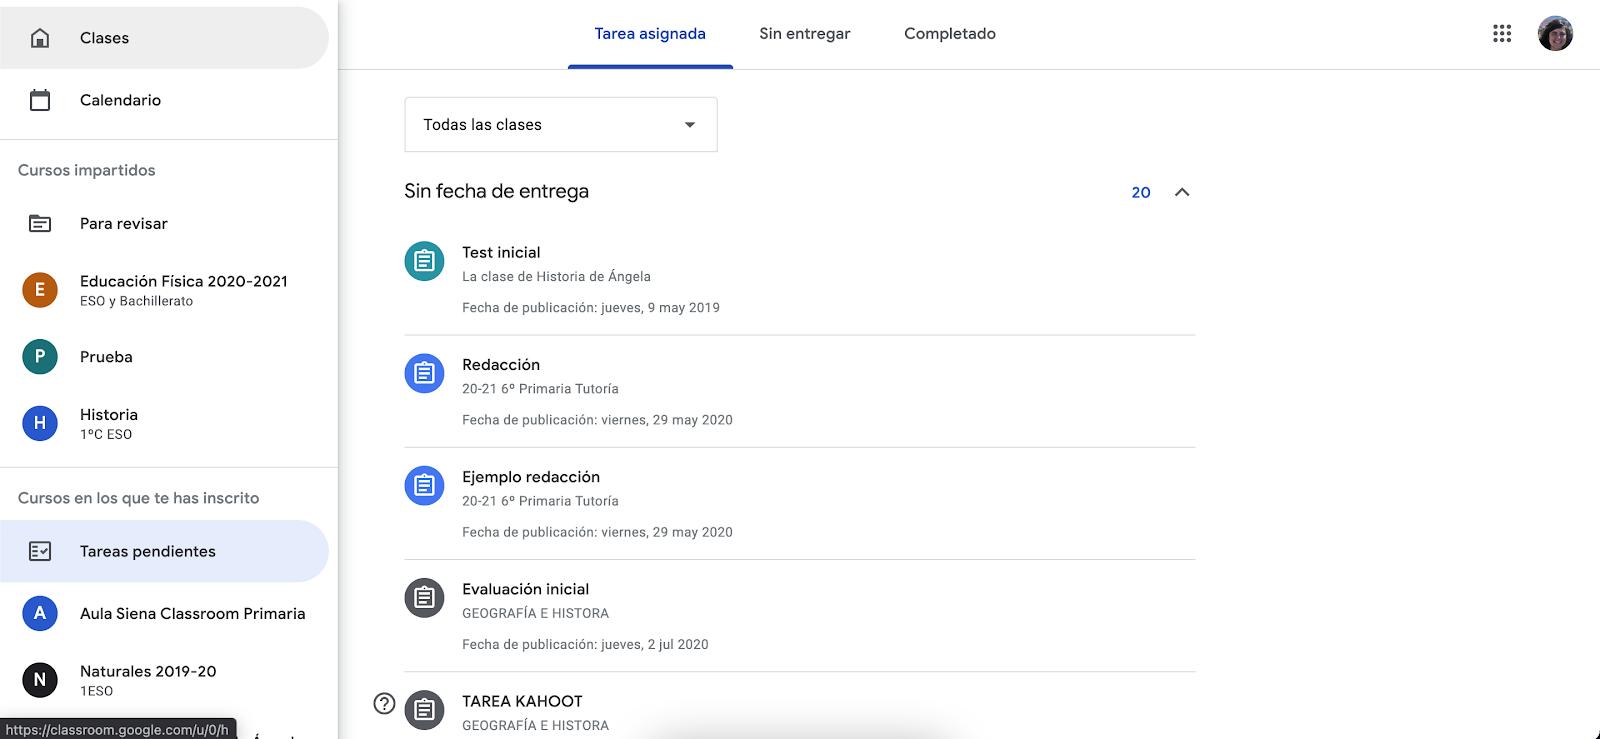 Trucos para sacar el máximo provecho a Google Classroom. Revisa las tareas pendientes que tienes como alumno.